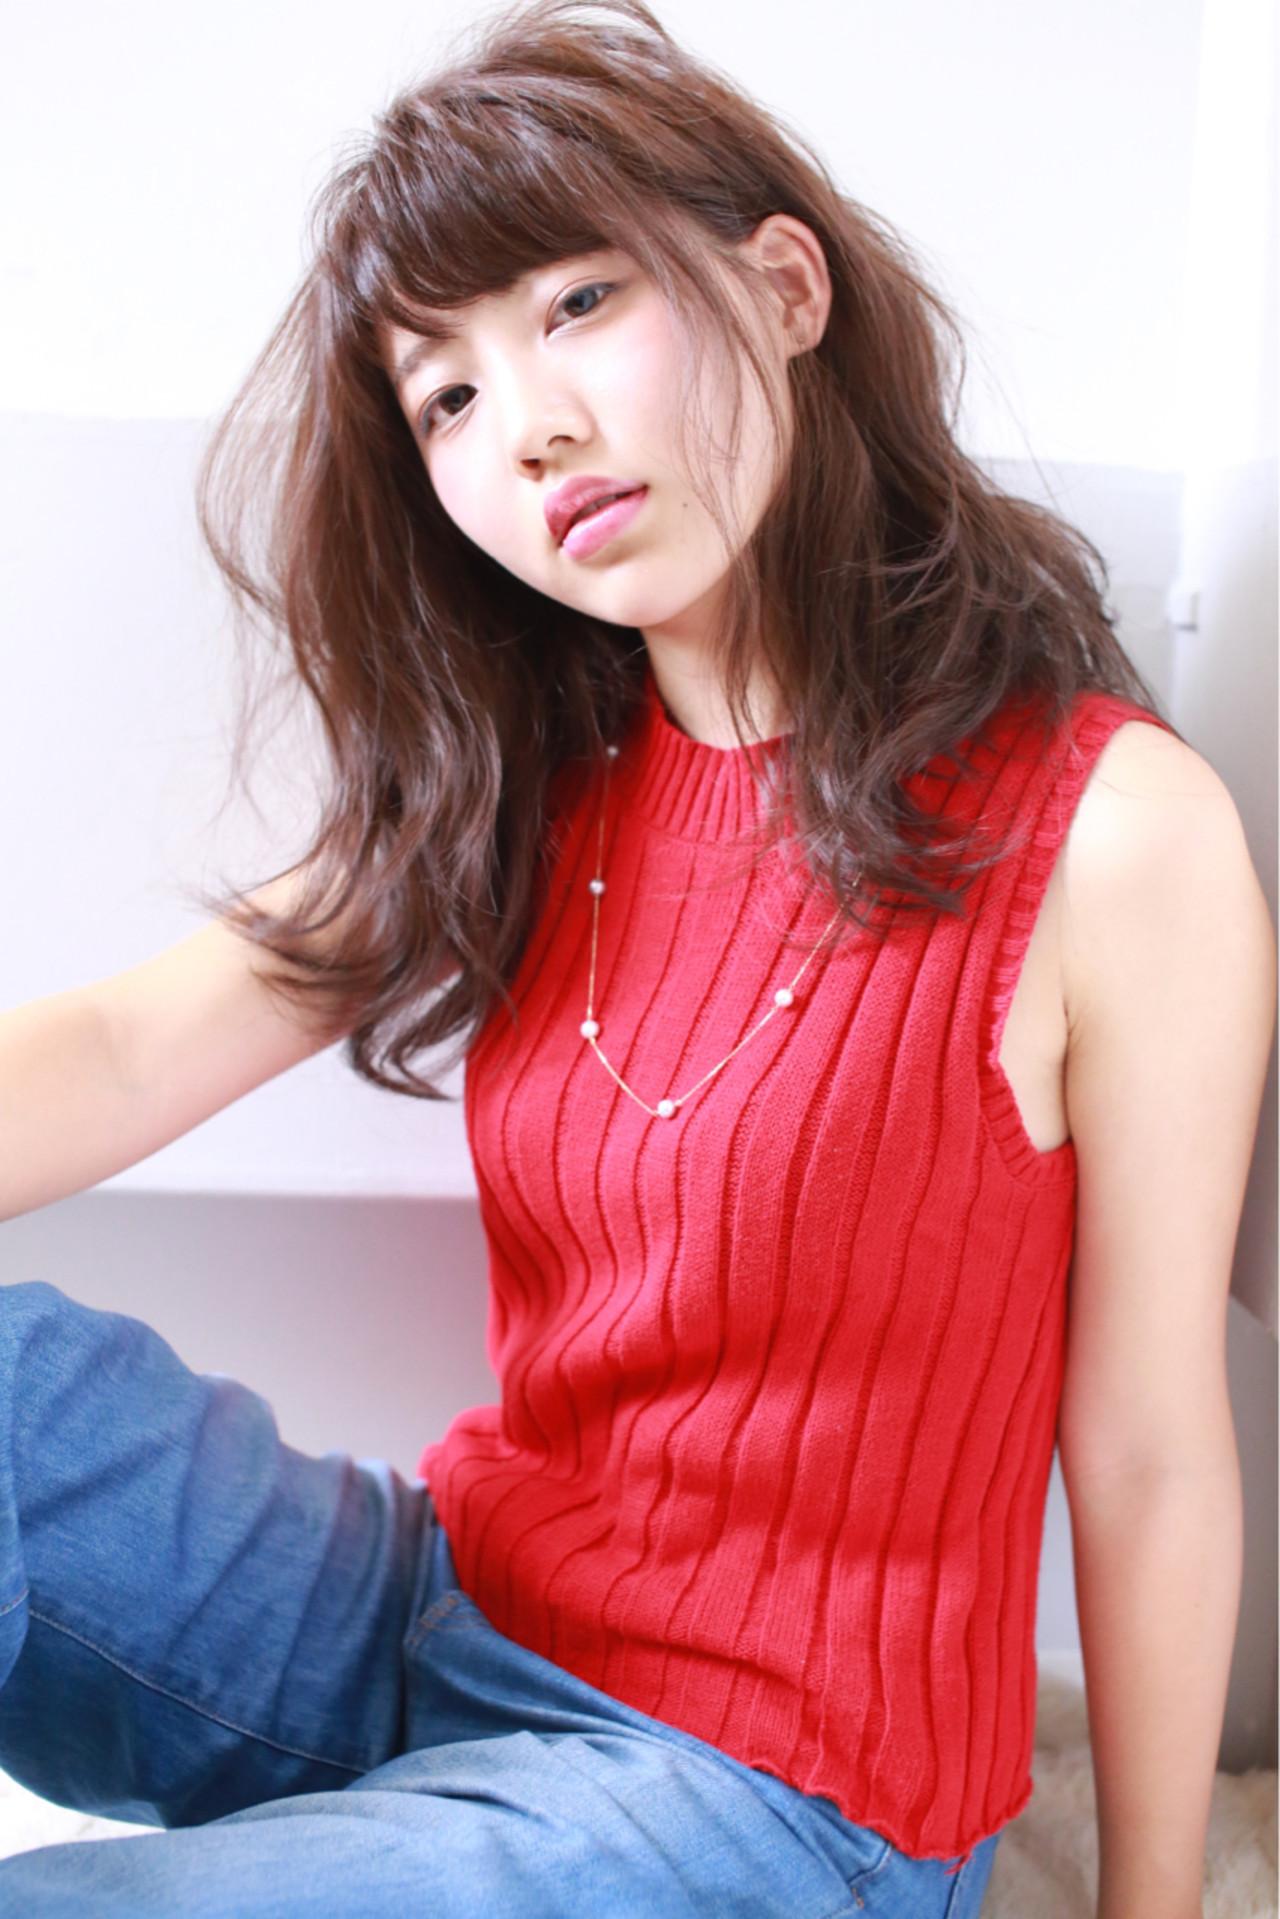 面長ロングさん向けヘアスタイル10選!自分に似合う髪形を知ろう。 JOJI/Hama